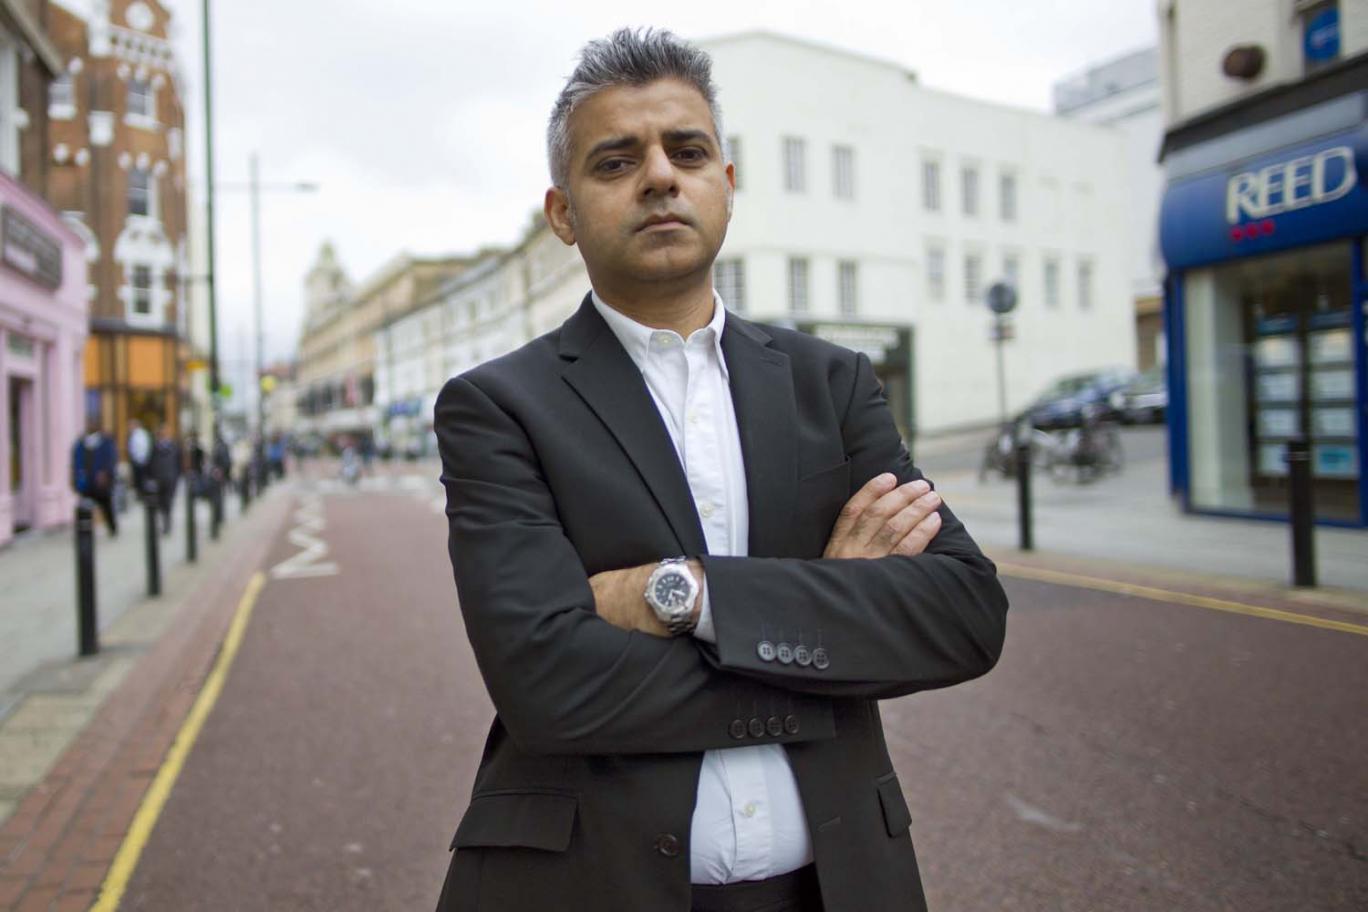 Мэр Лондона Садик Хан запретит сексистскую рекламу в общественном транспорте